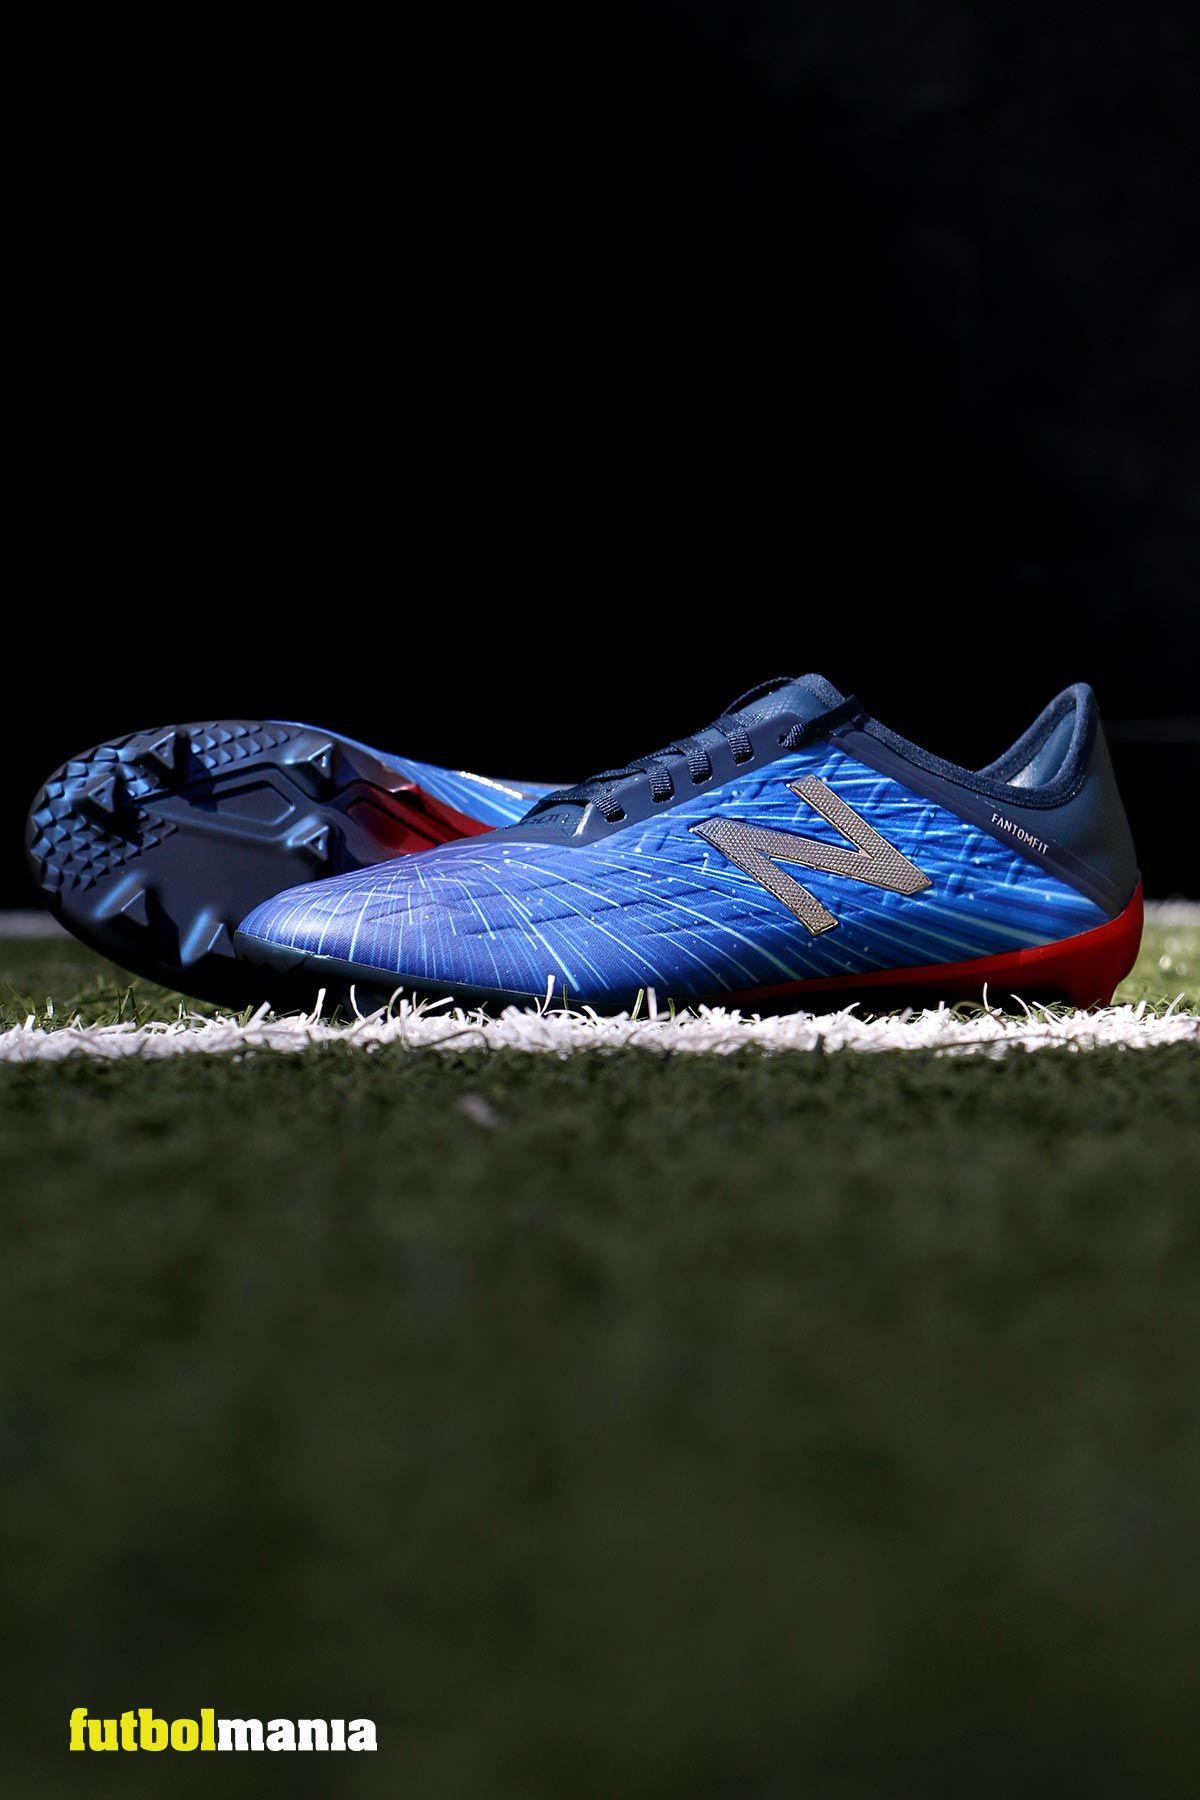 64935ea060285 Nuevas botas de fútbol con tacos New Balance Furon. 💥Edición limitada en  azul eléctrico